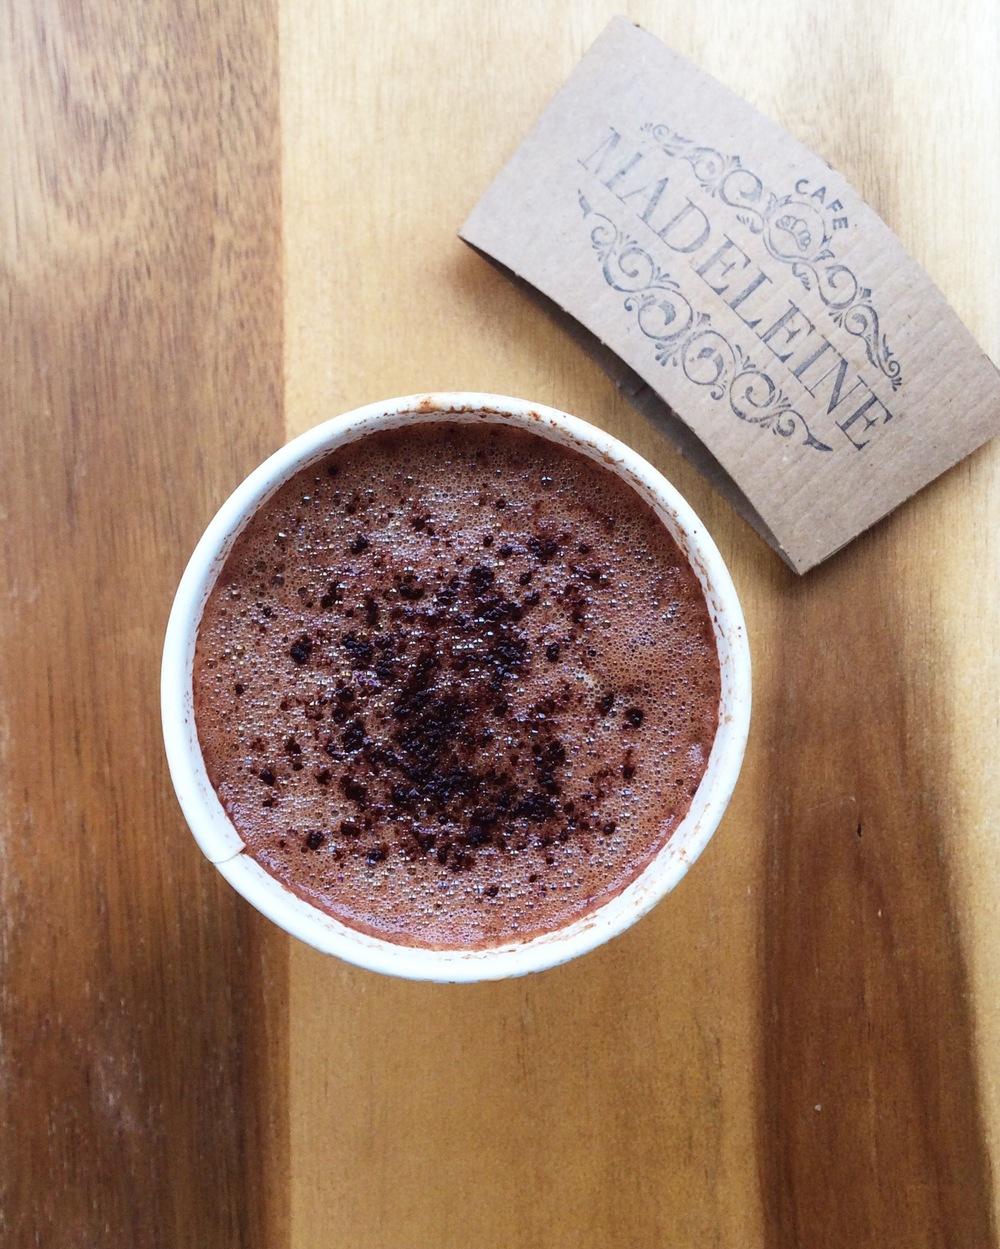 A Cup of Mocha